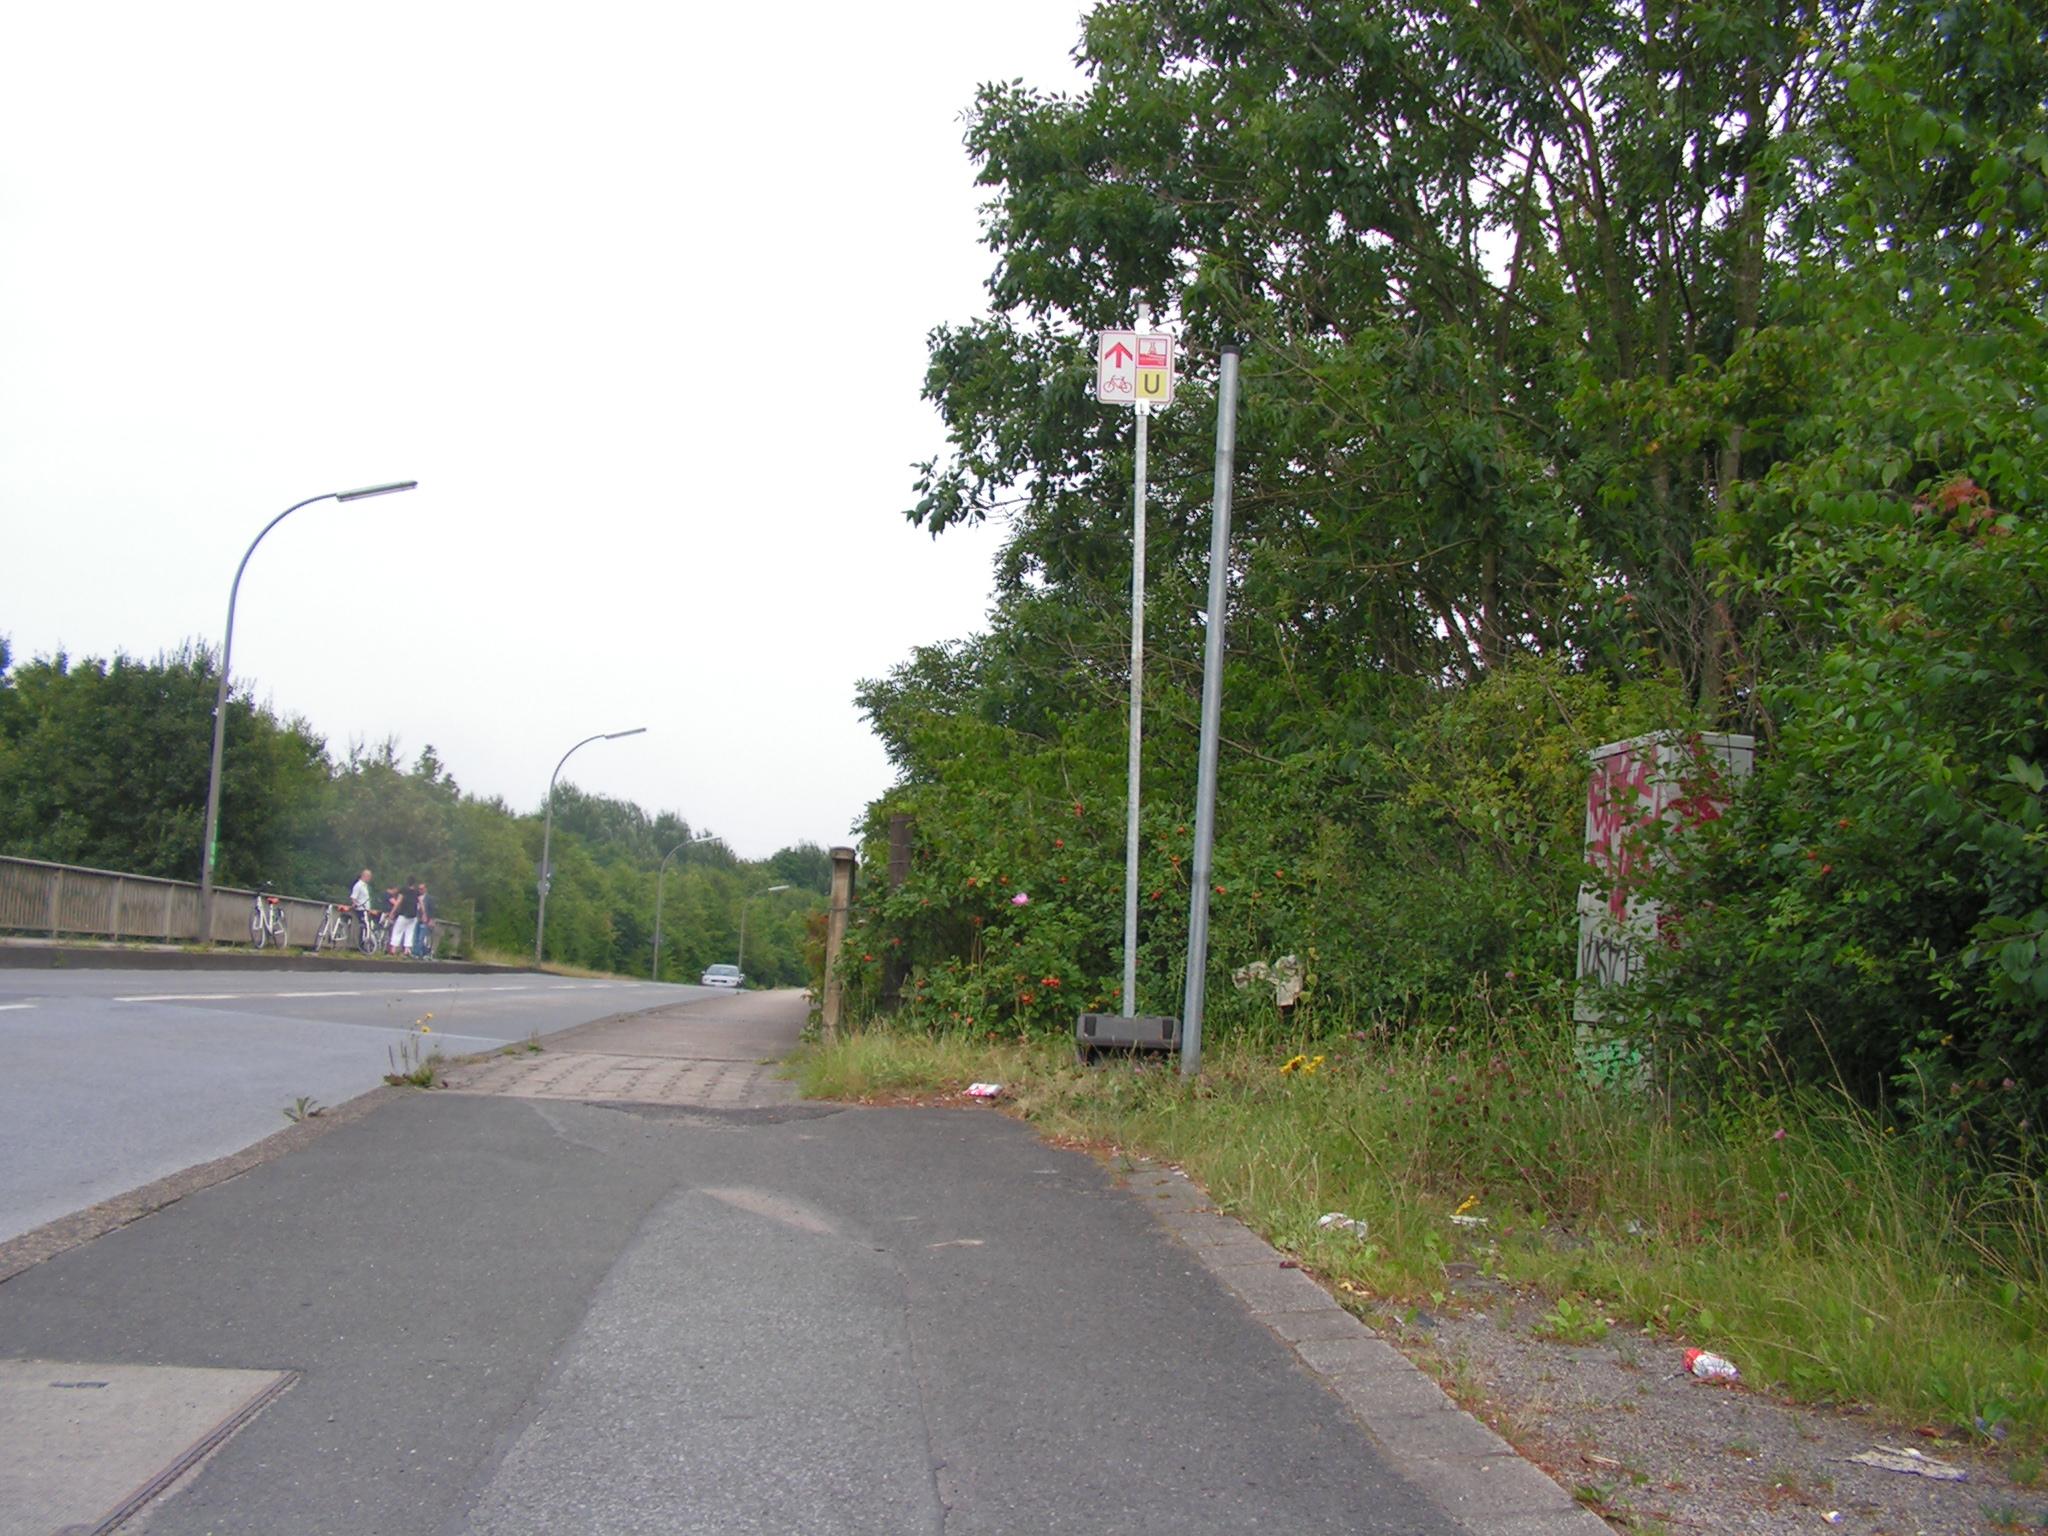 Blick zurück: Umleitungsschild Emscherparkradweg. (Foto: Peter Maier)